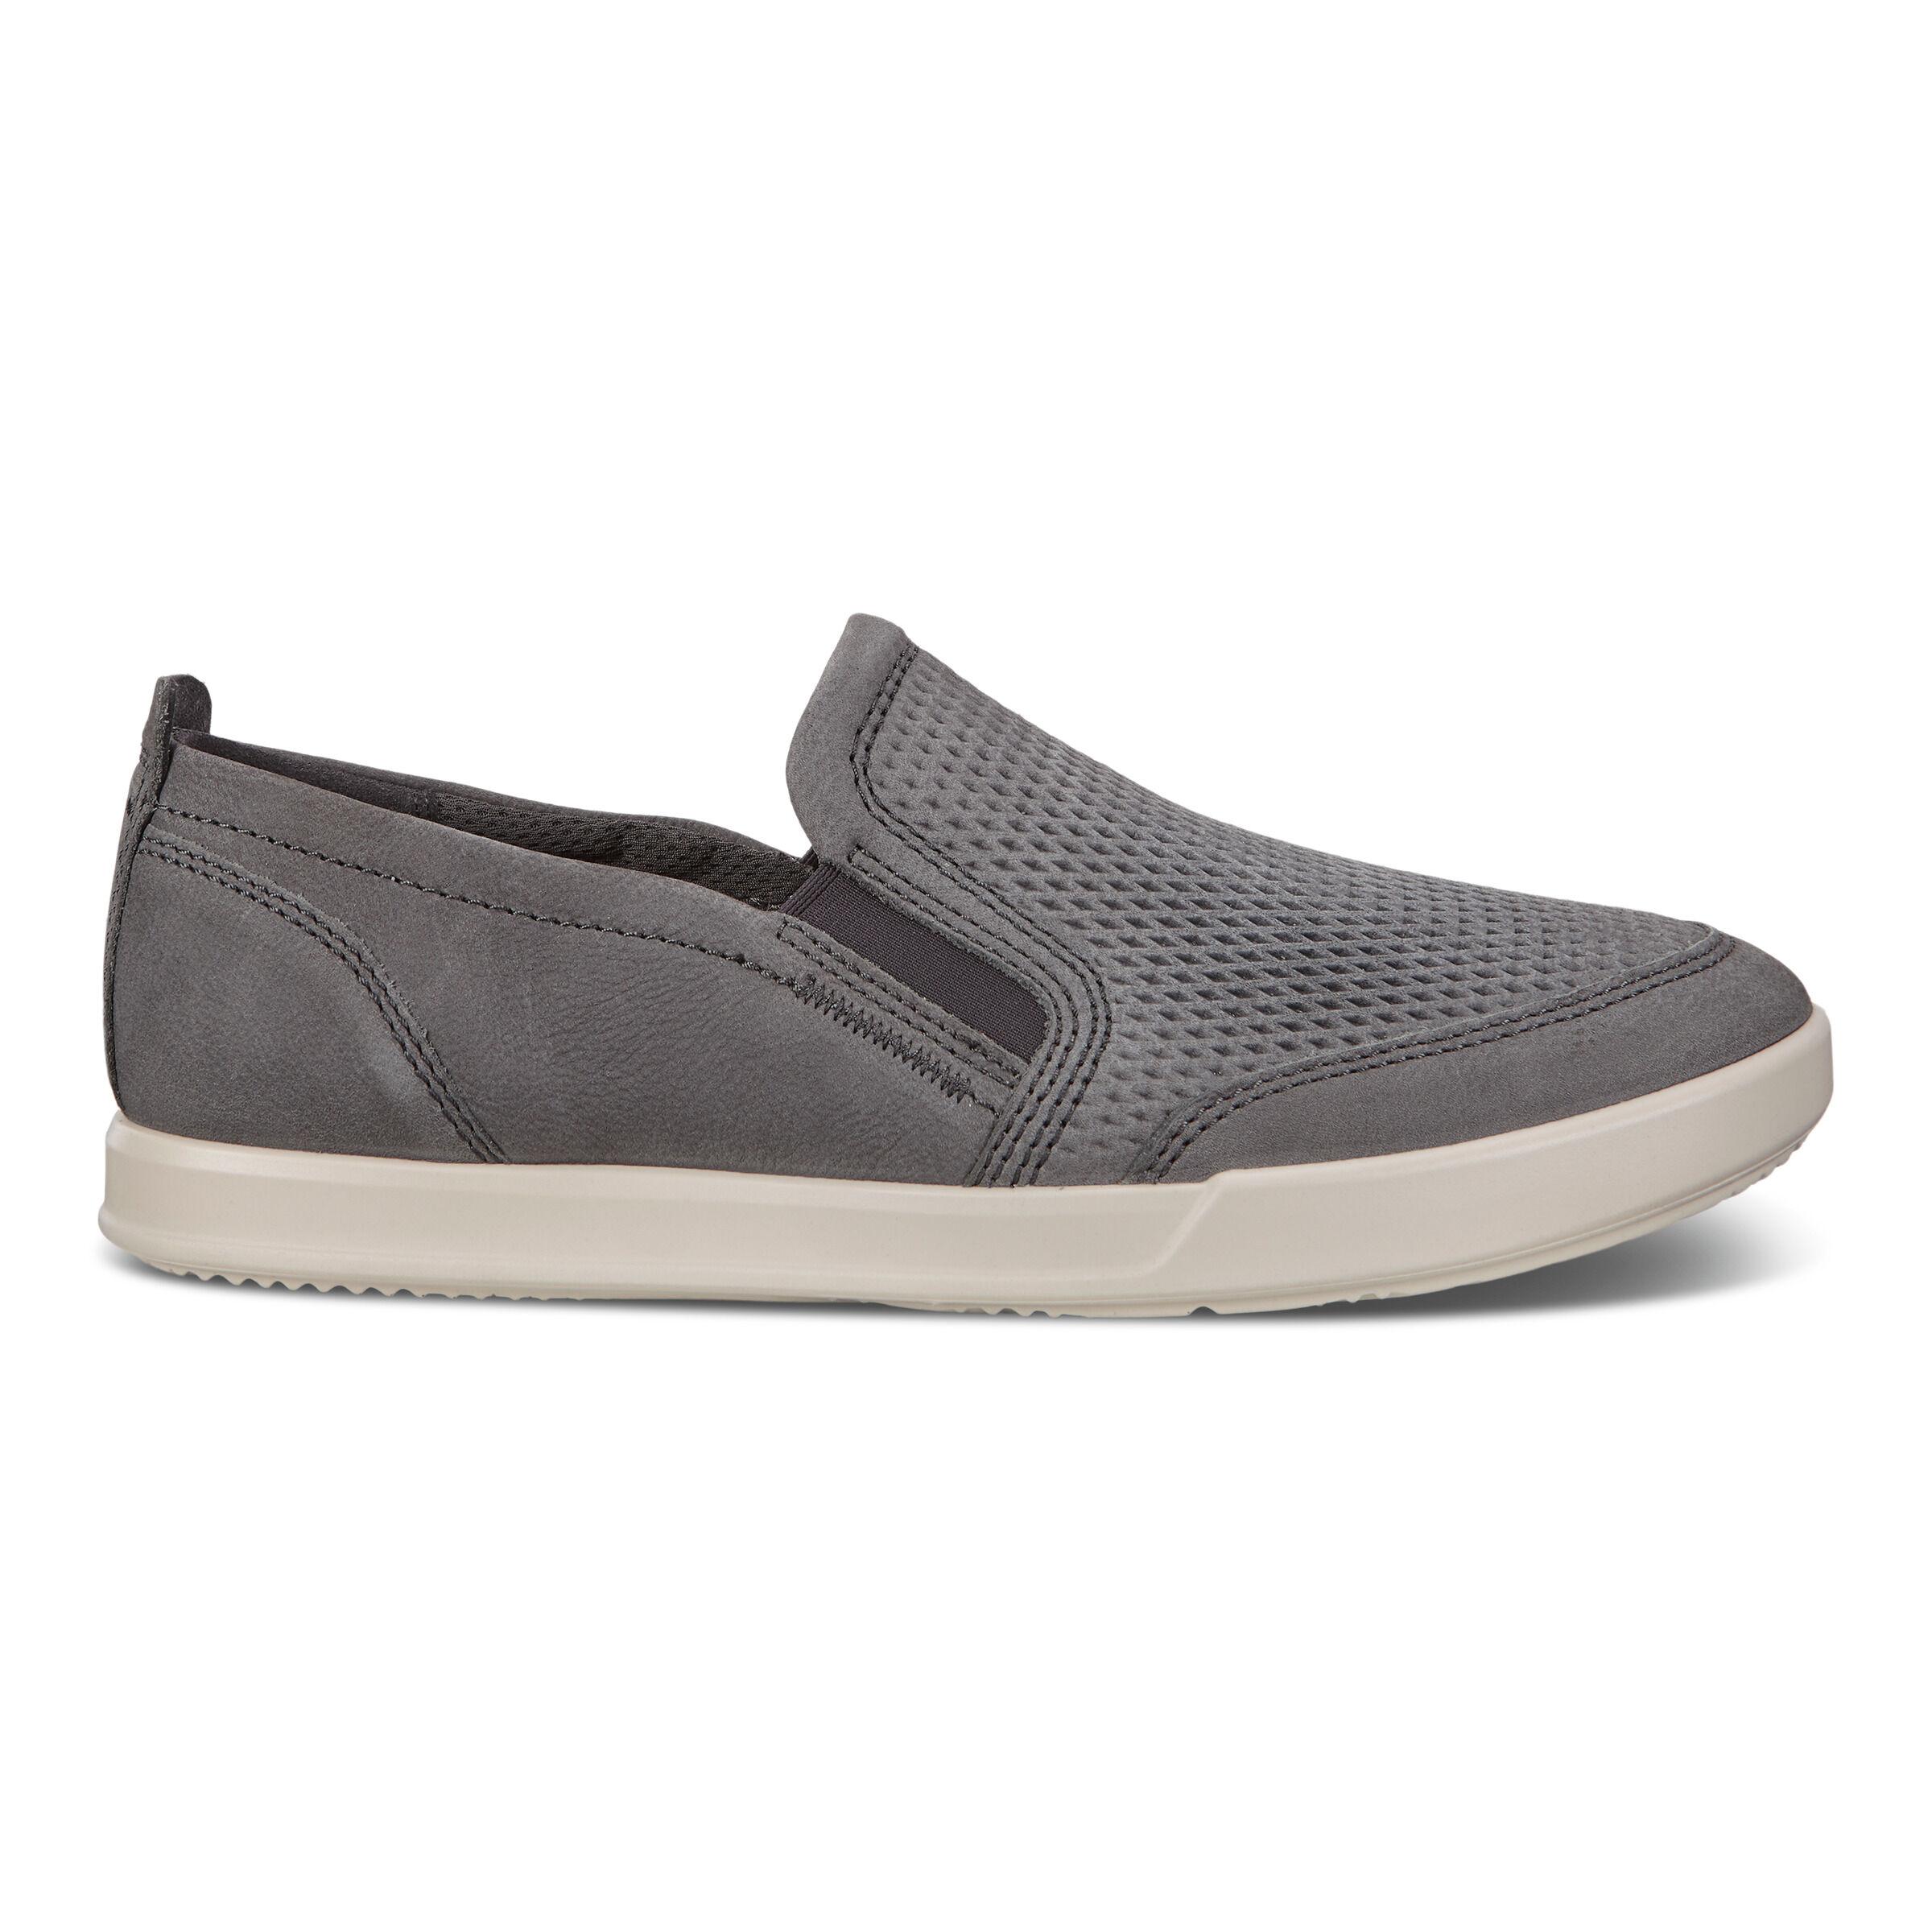 에코 ECCO Collin 2.0 Mens Shoes,moonless